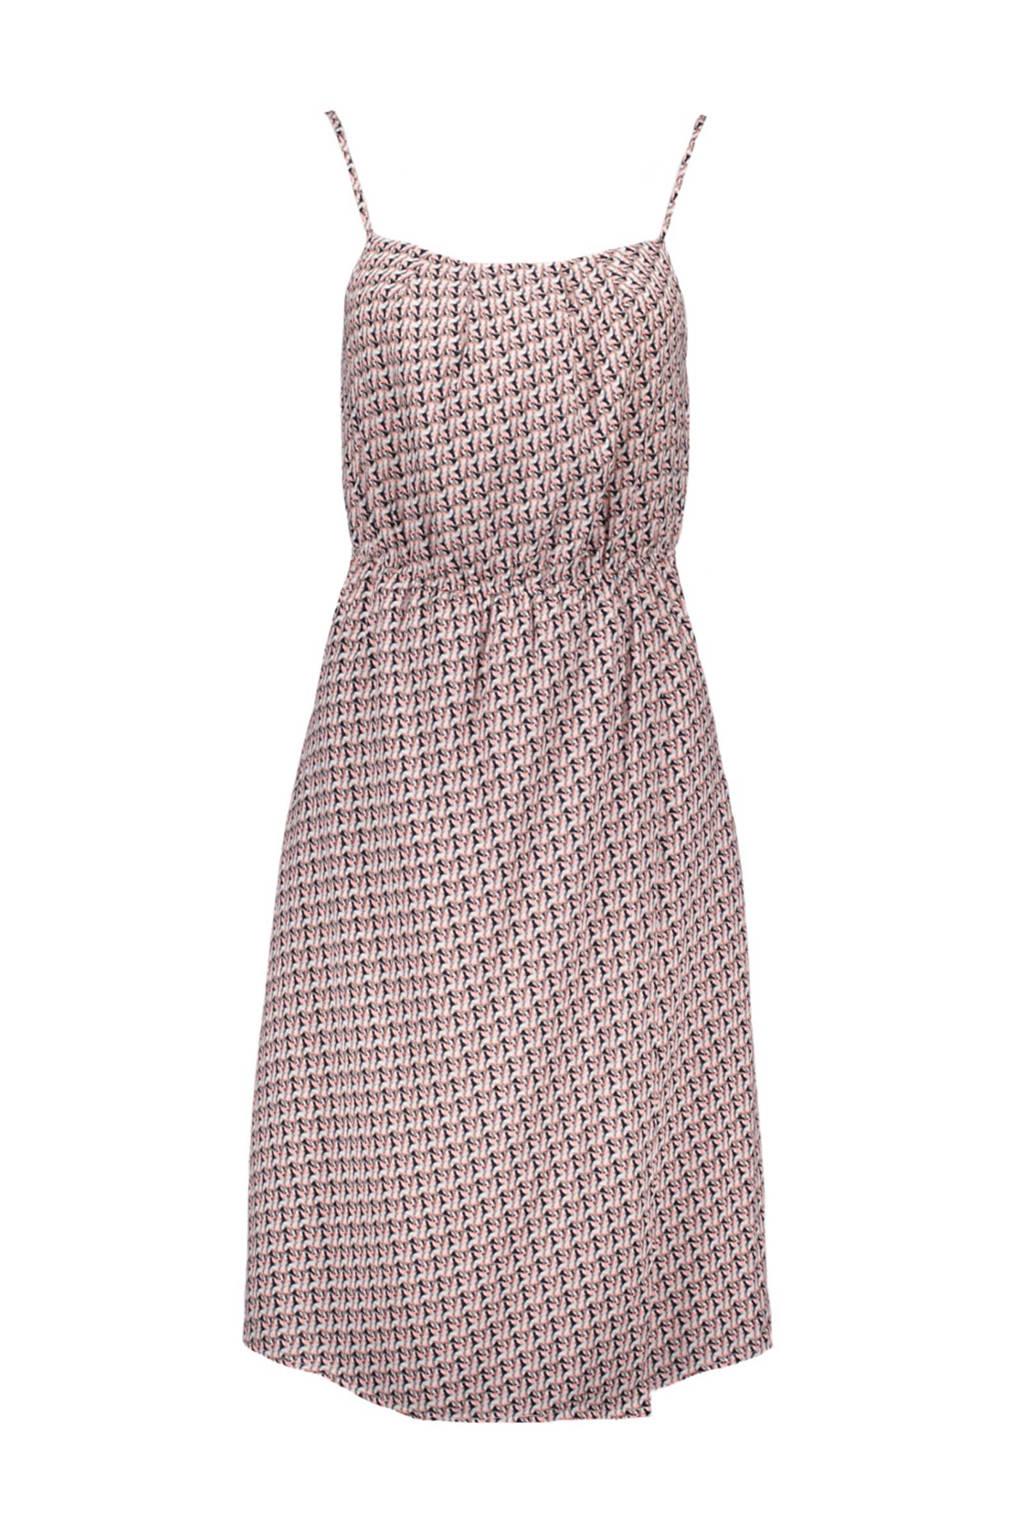 La Ligna jurk, Rood